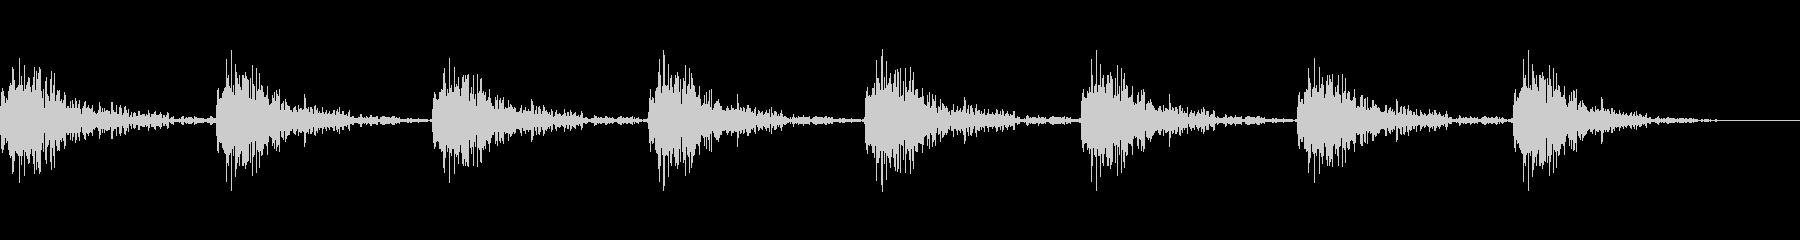 どすん(巨人、歩く、足音)A02の未再生の波形